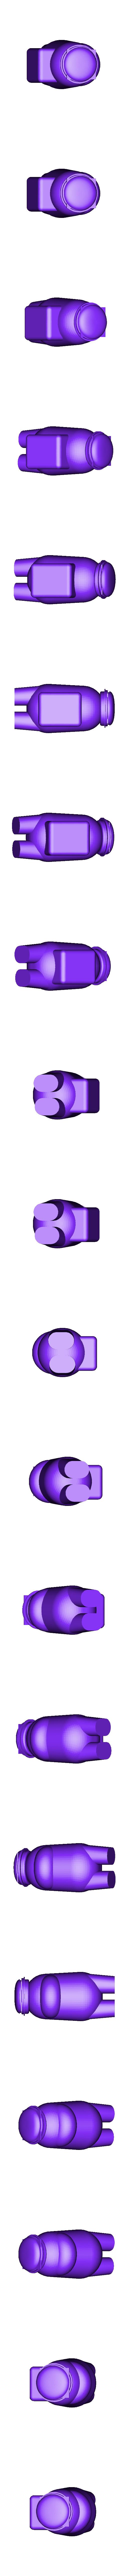 HAMBURGUESA.stl Télécharger fichier STL PARMI NOUS AVEC UN HAMBURGER • Objet pour imprimante 3D, sebastiancabral719